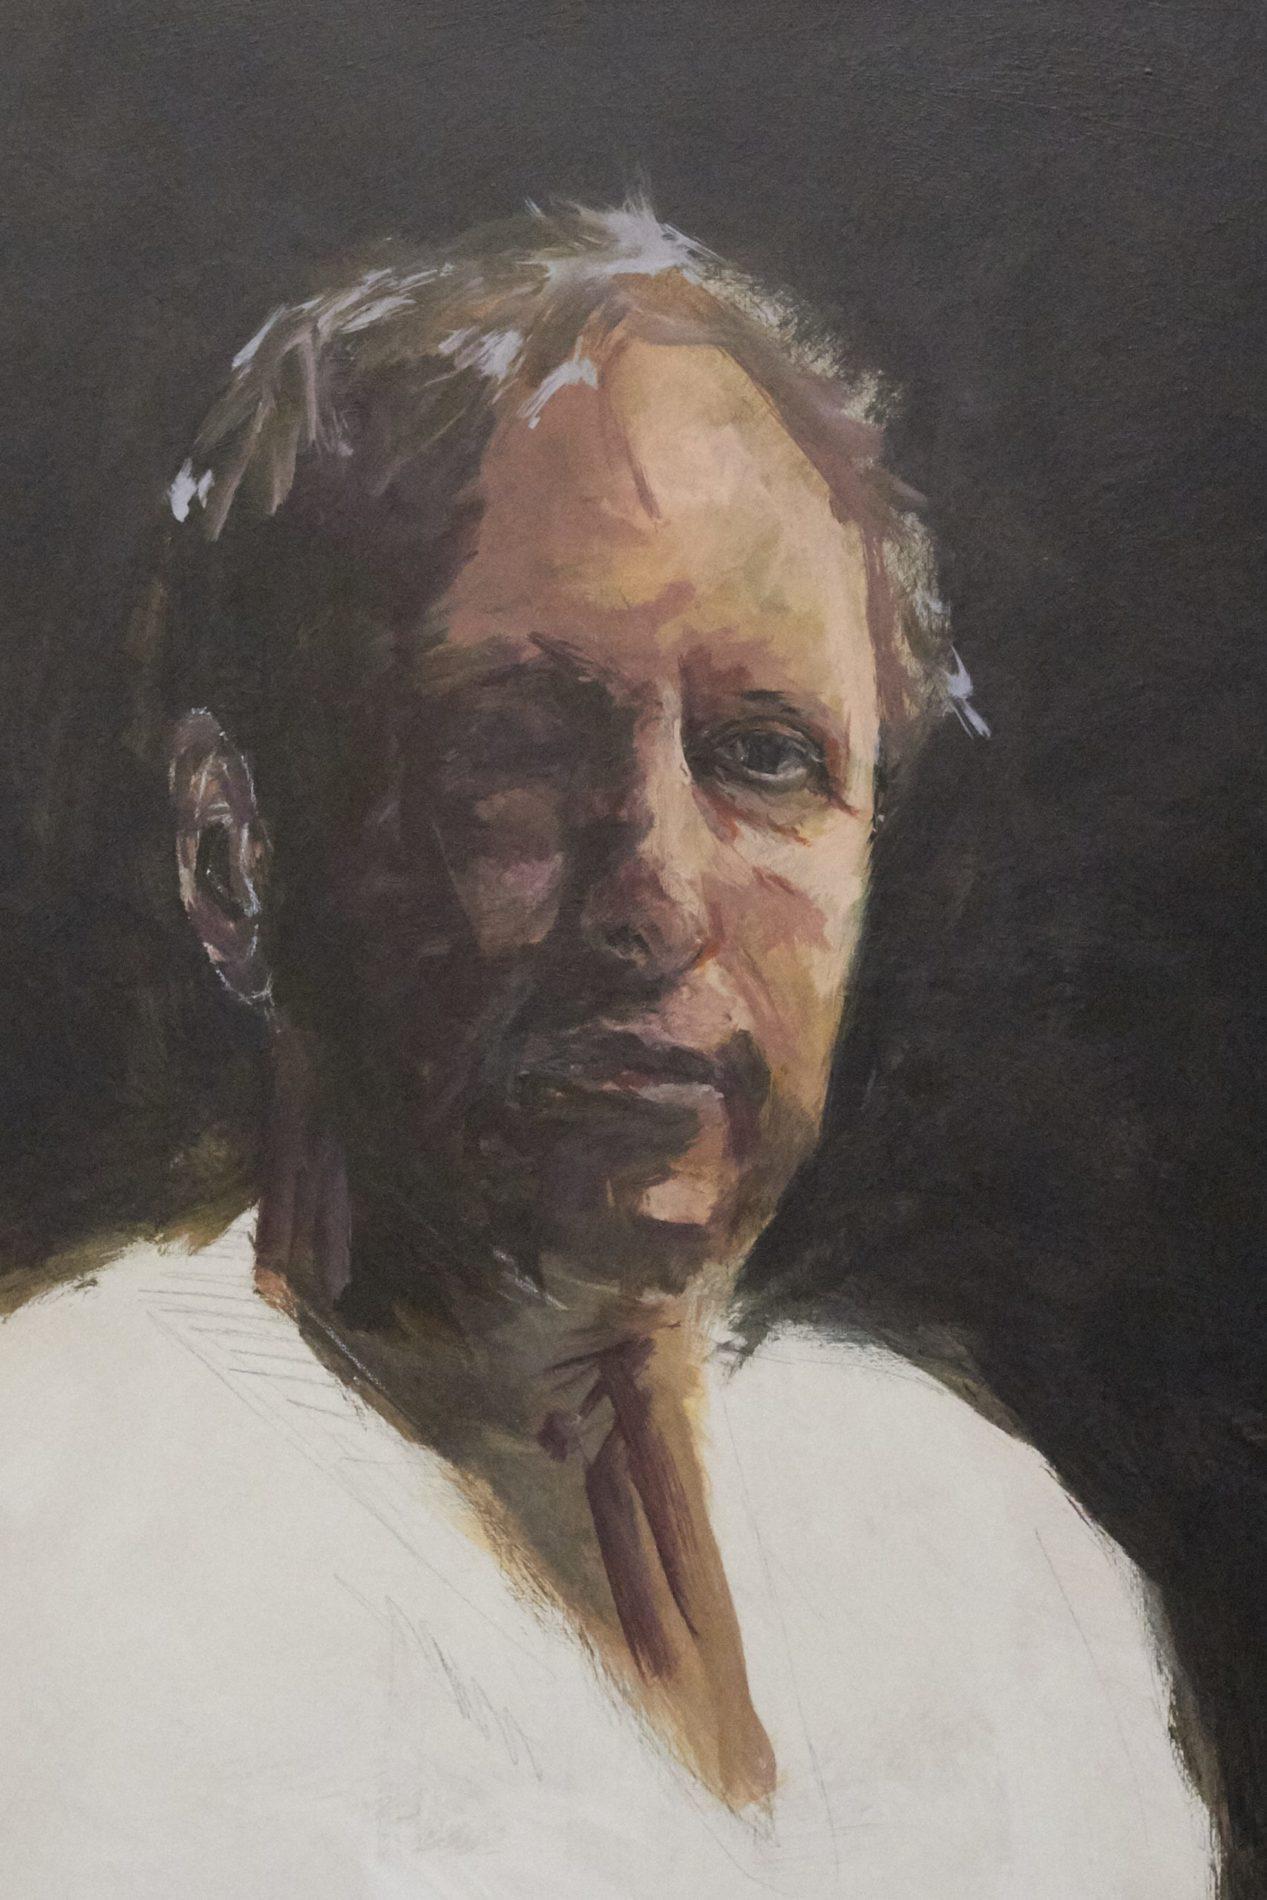 Jeroen Self Portrait - Process-6.©Jeroen Carelse